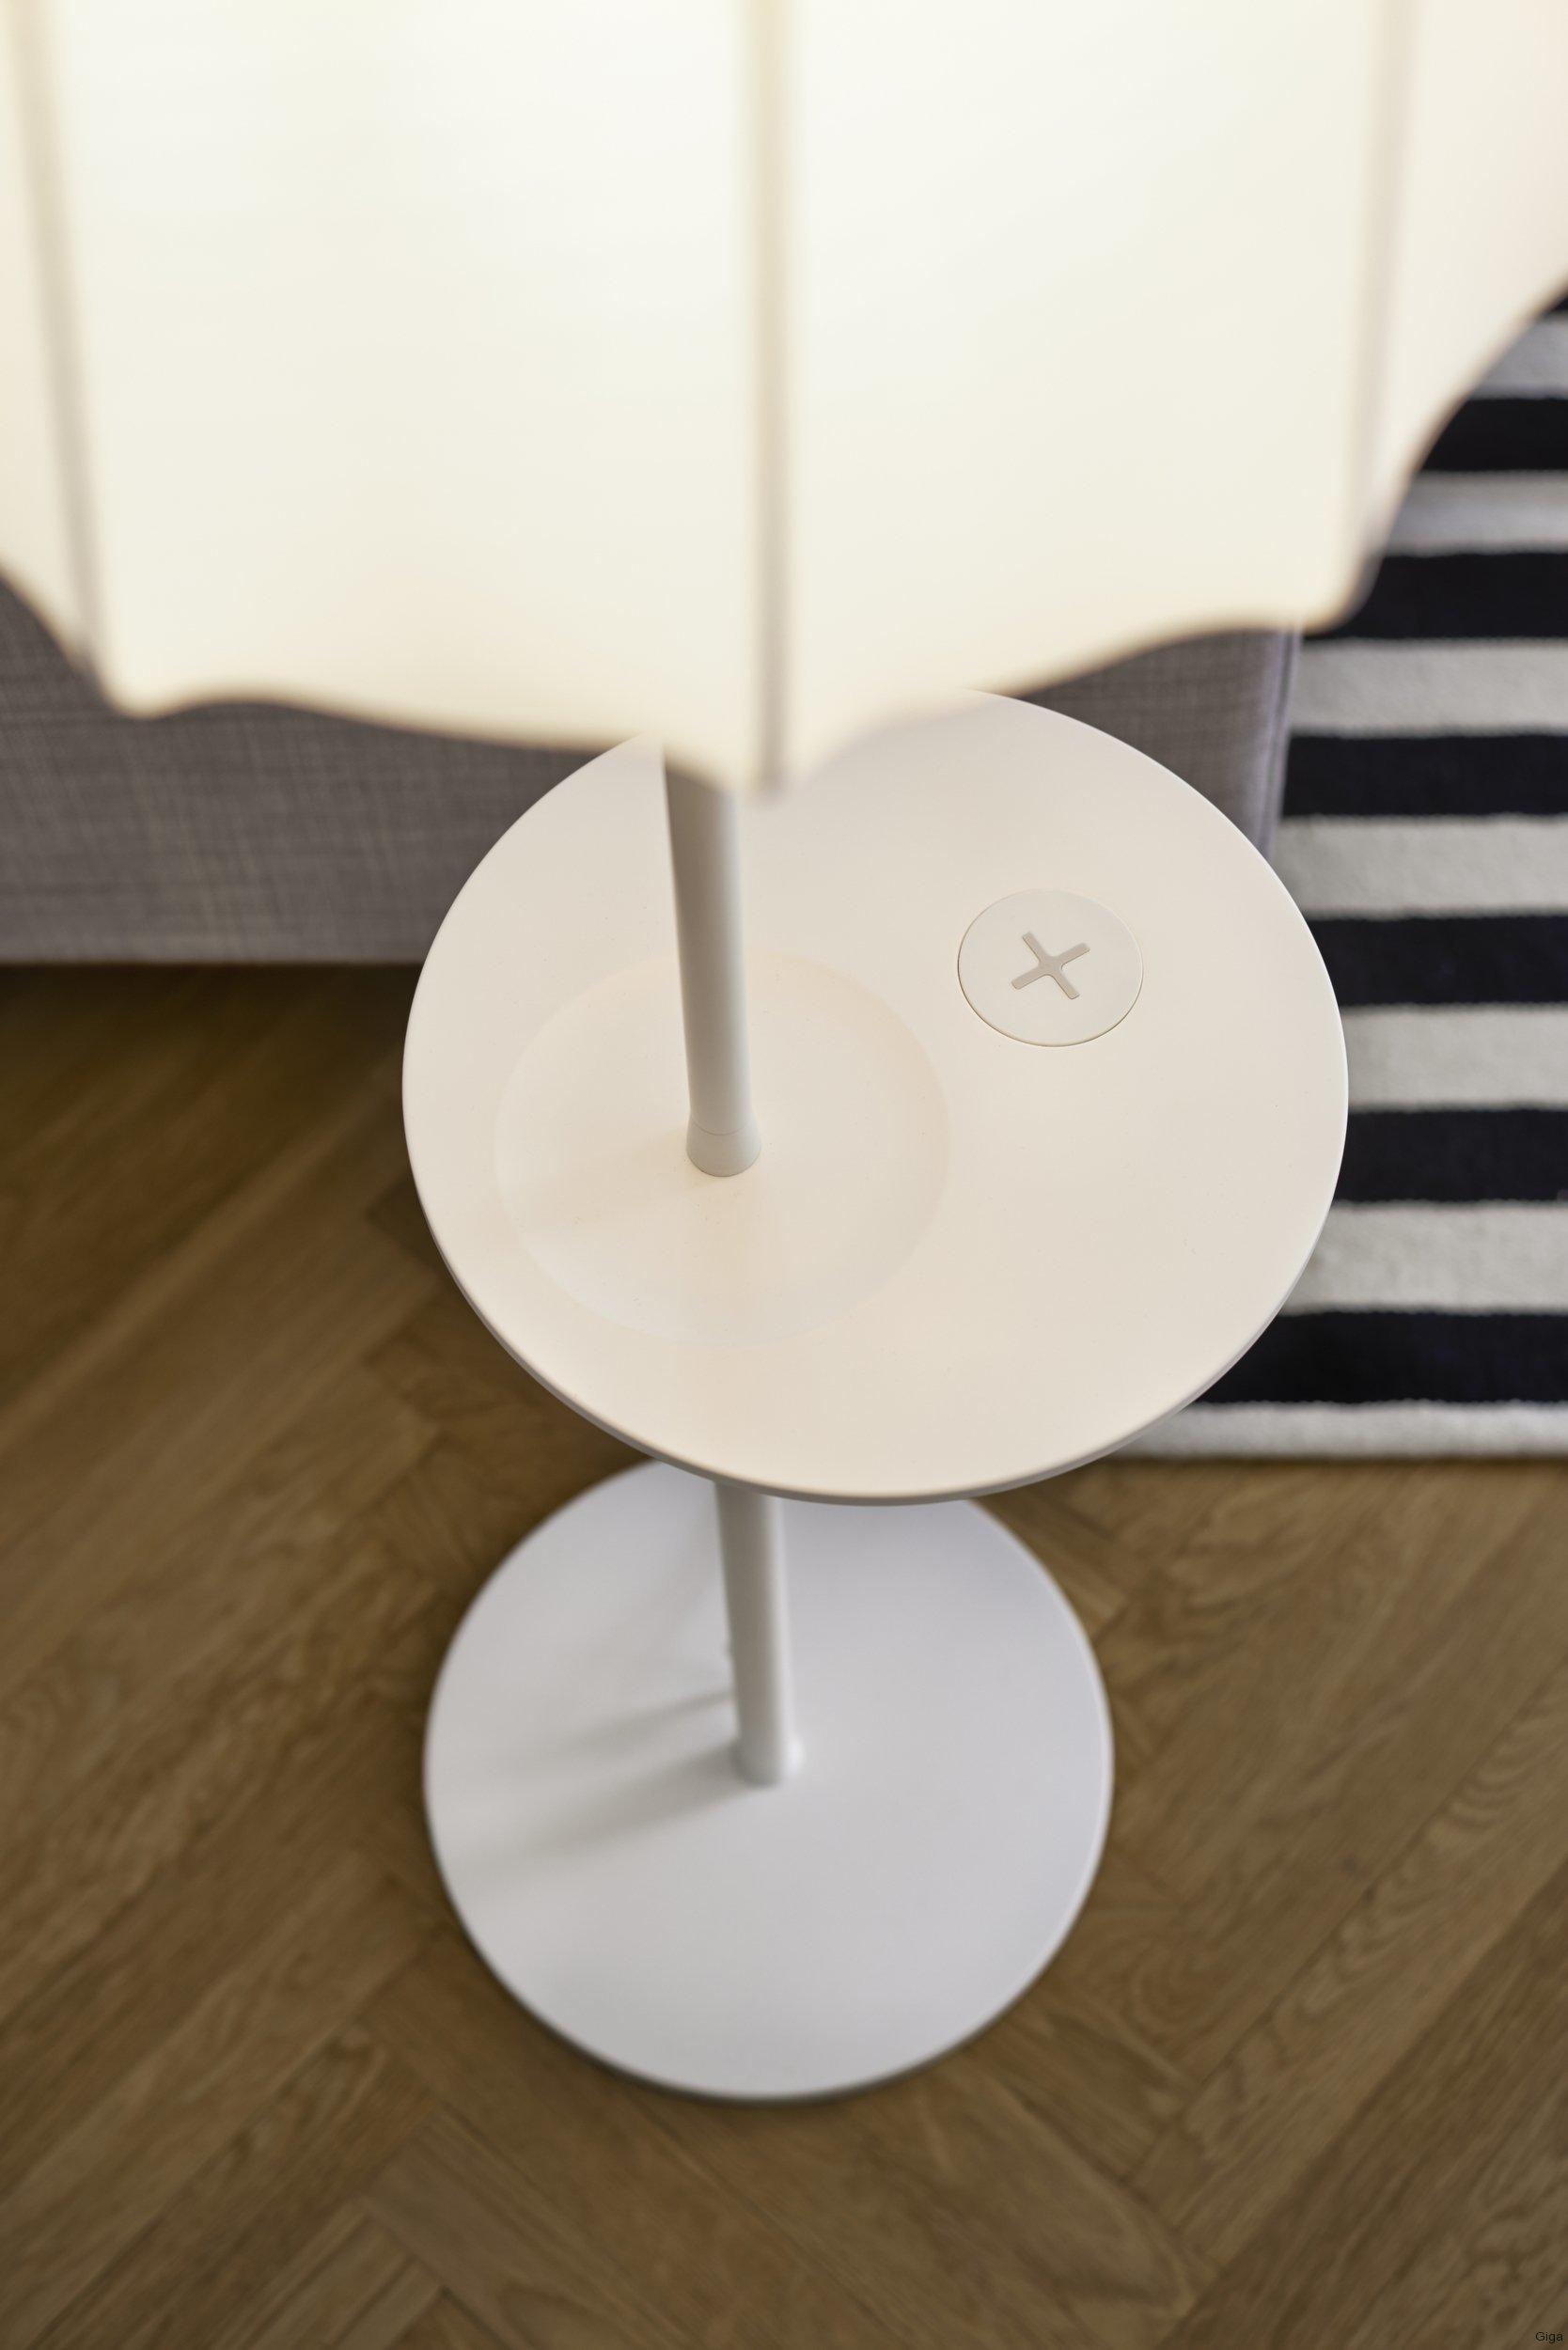 Nachtschränke Ikea : Ikea Integriert Kabellose Ladefunktion Für Smartphones  Und Co. In